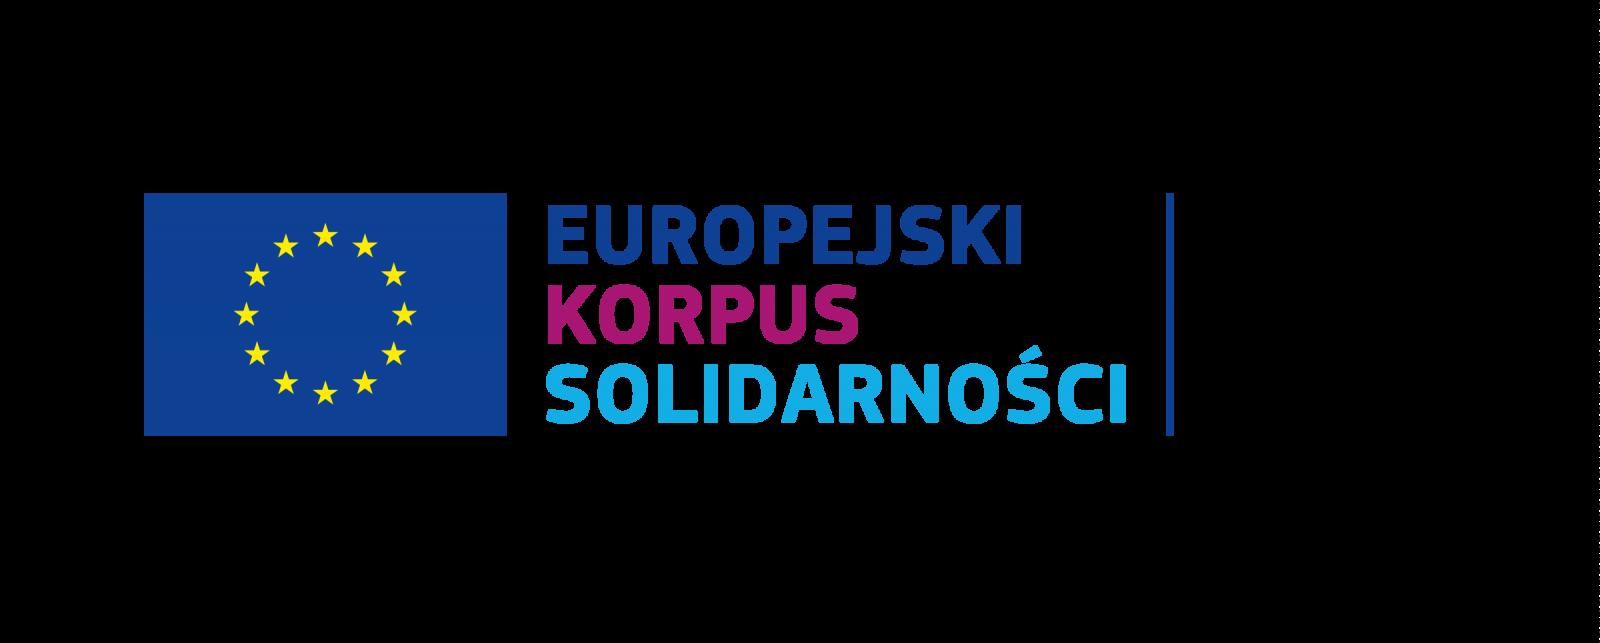 """Logo: flaga Uni Europejskiej - gwiazdy ułożone w okręgu i napis """"Europejski Korpus Solidarności""""."""